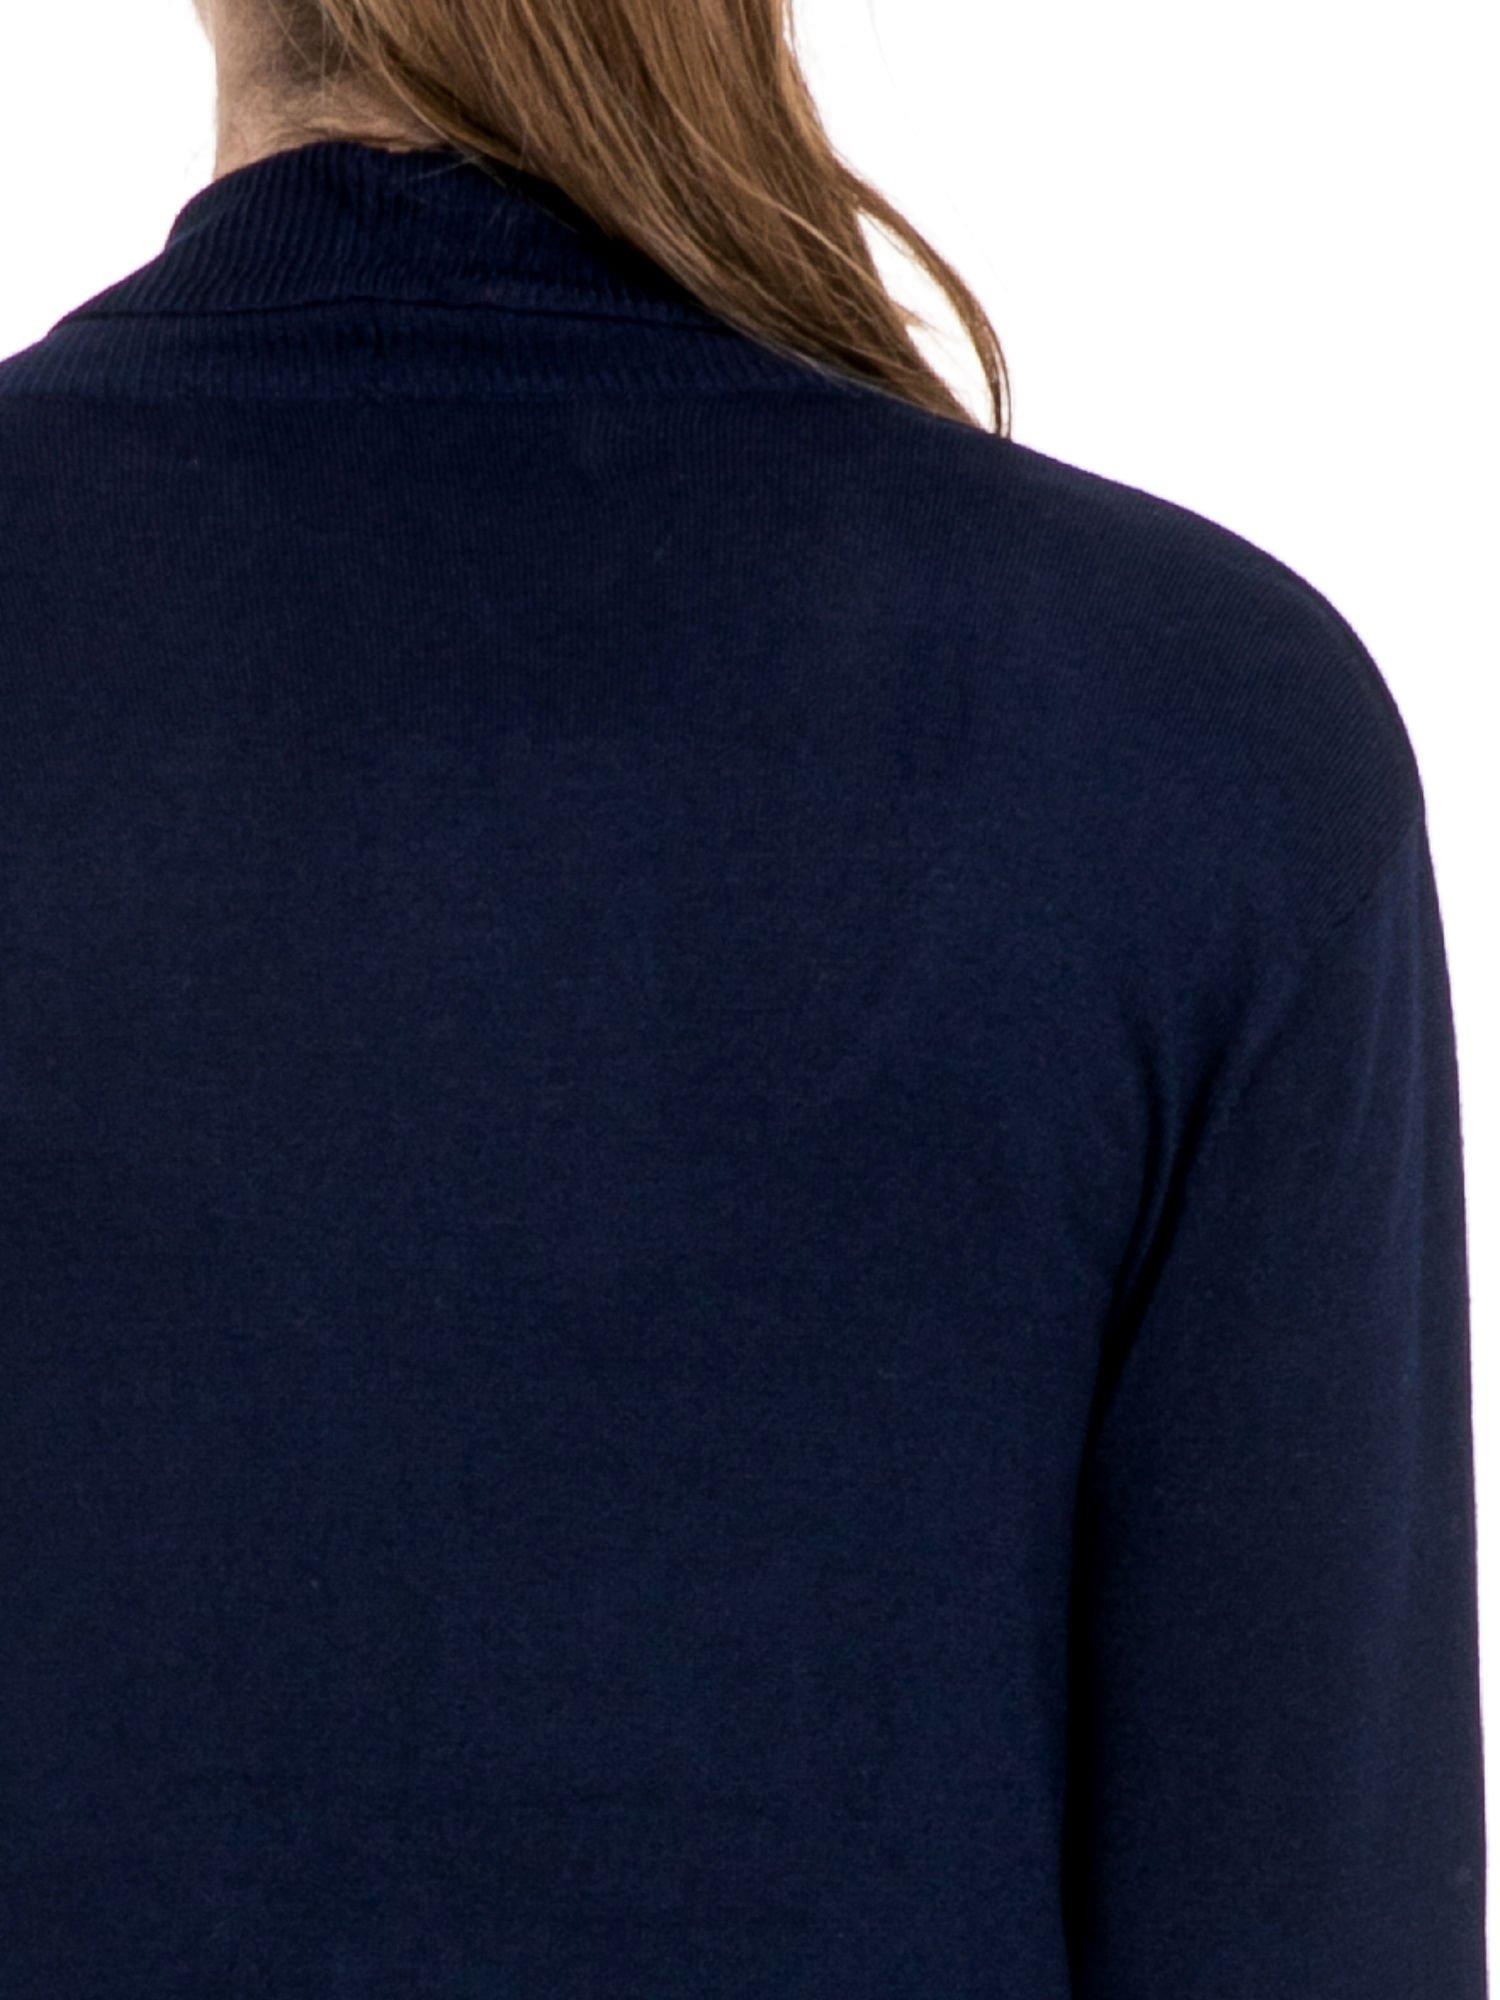 Granatowy sweter narzutka z wywijanymi rękawami                                  zdj.                                  7